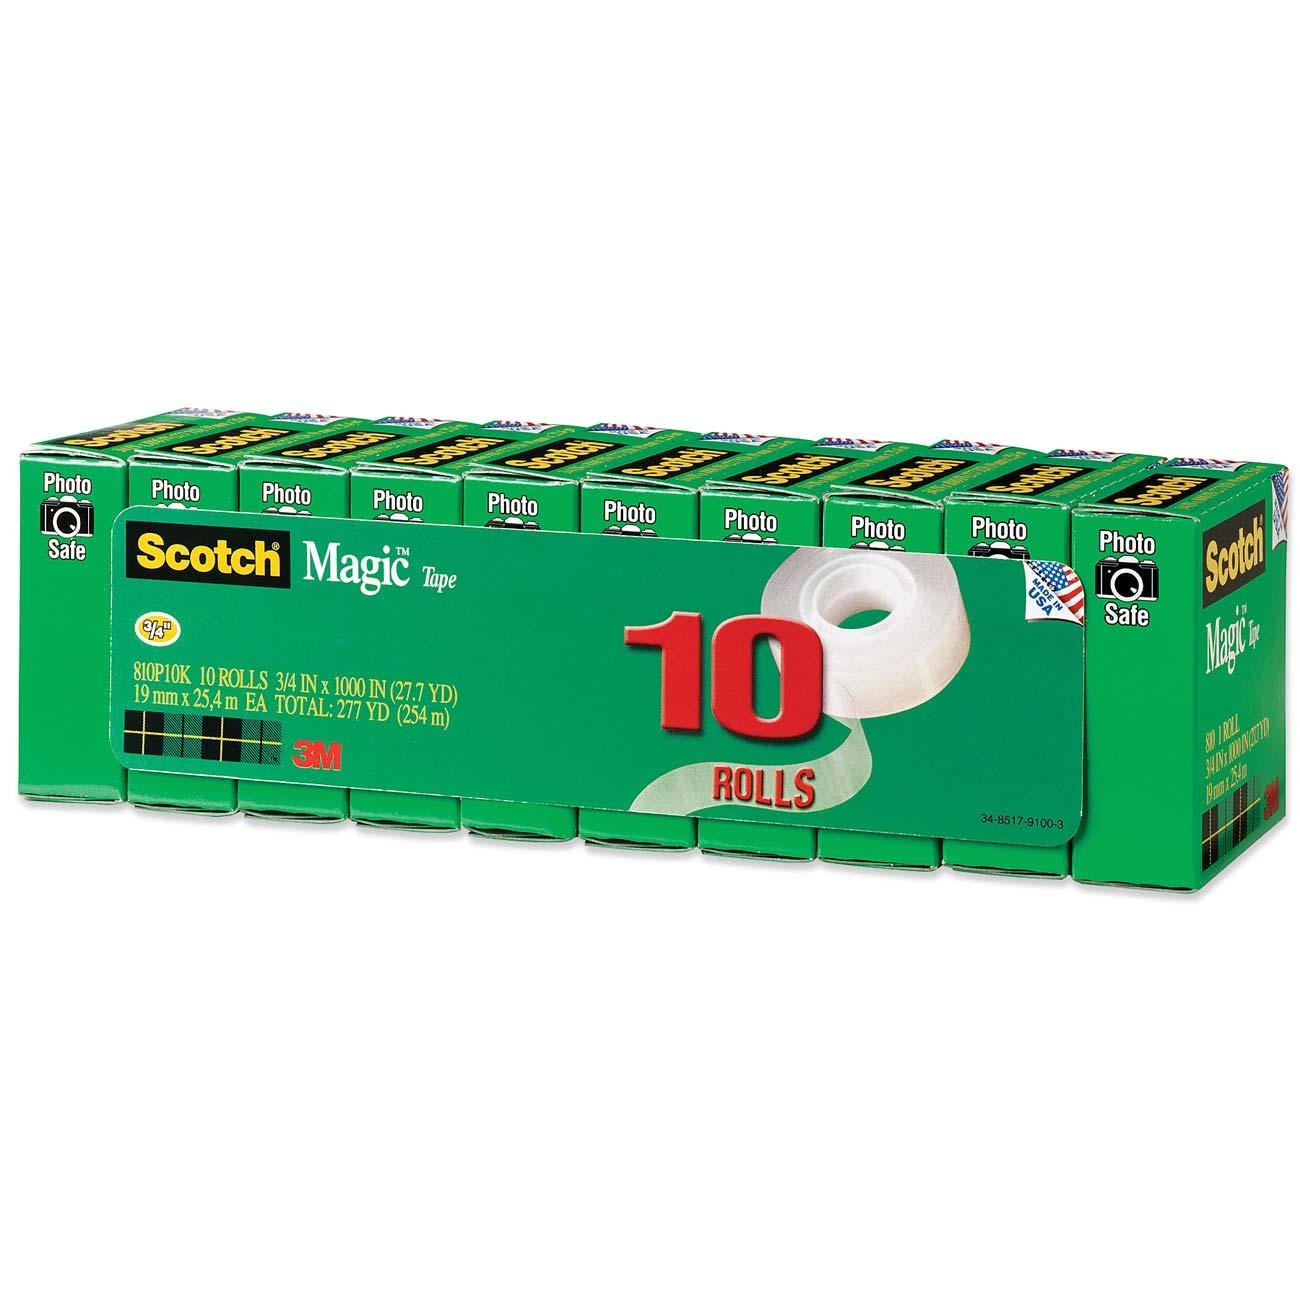 Scotch Magic Office Tape Refill 10 Pack, 3/4in. X 1000in. Per Roll, Clear, 10 Rolls/Pack